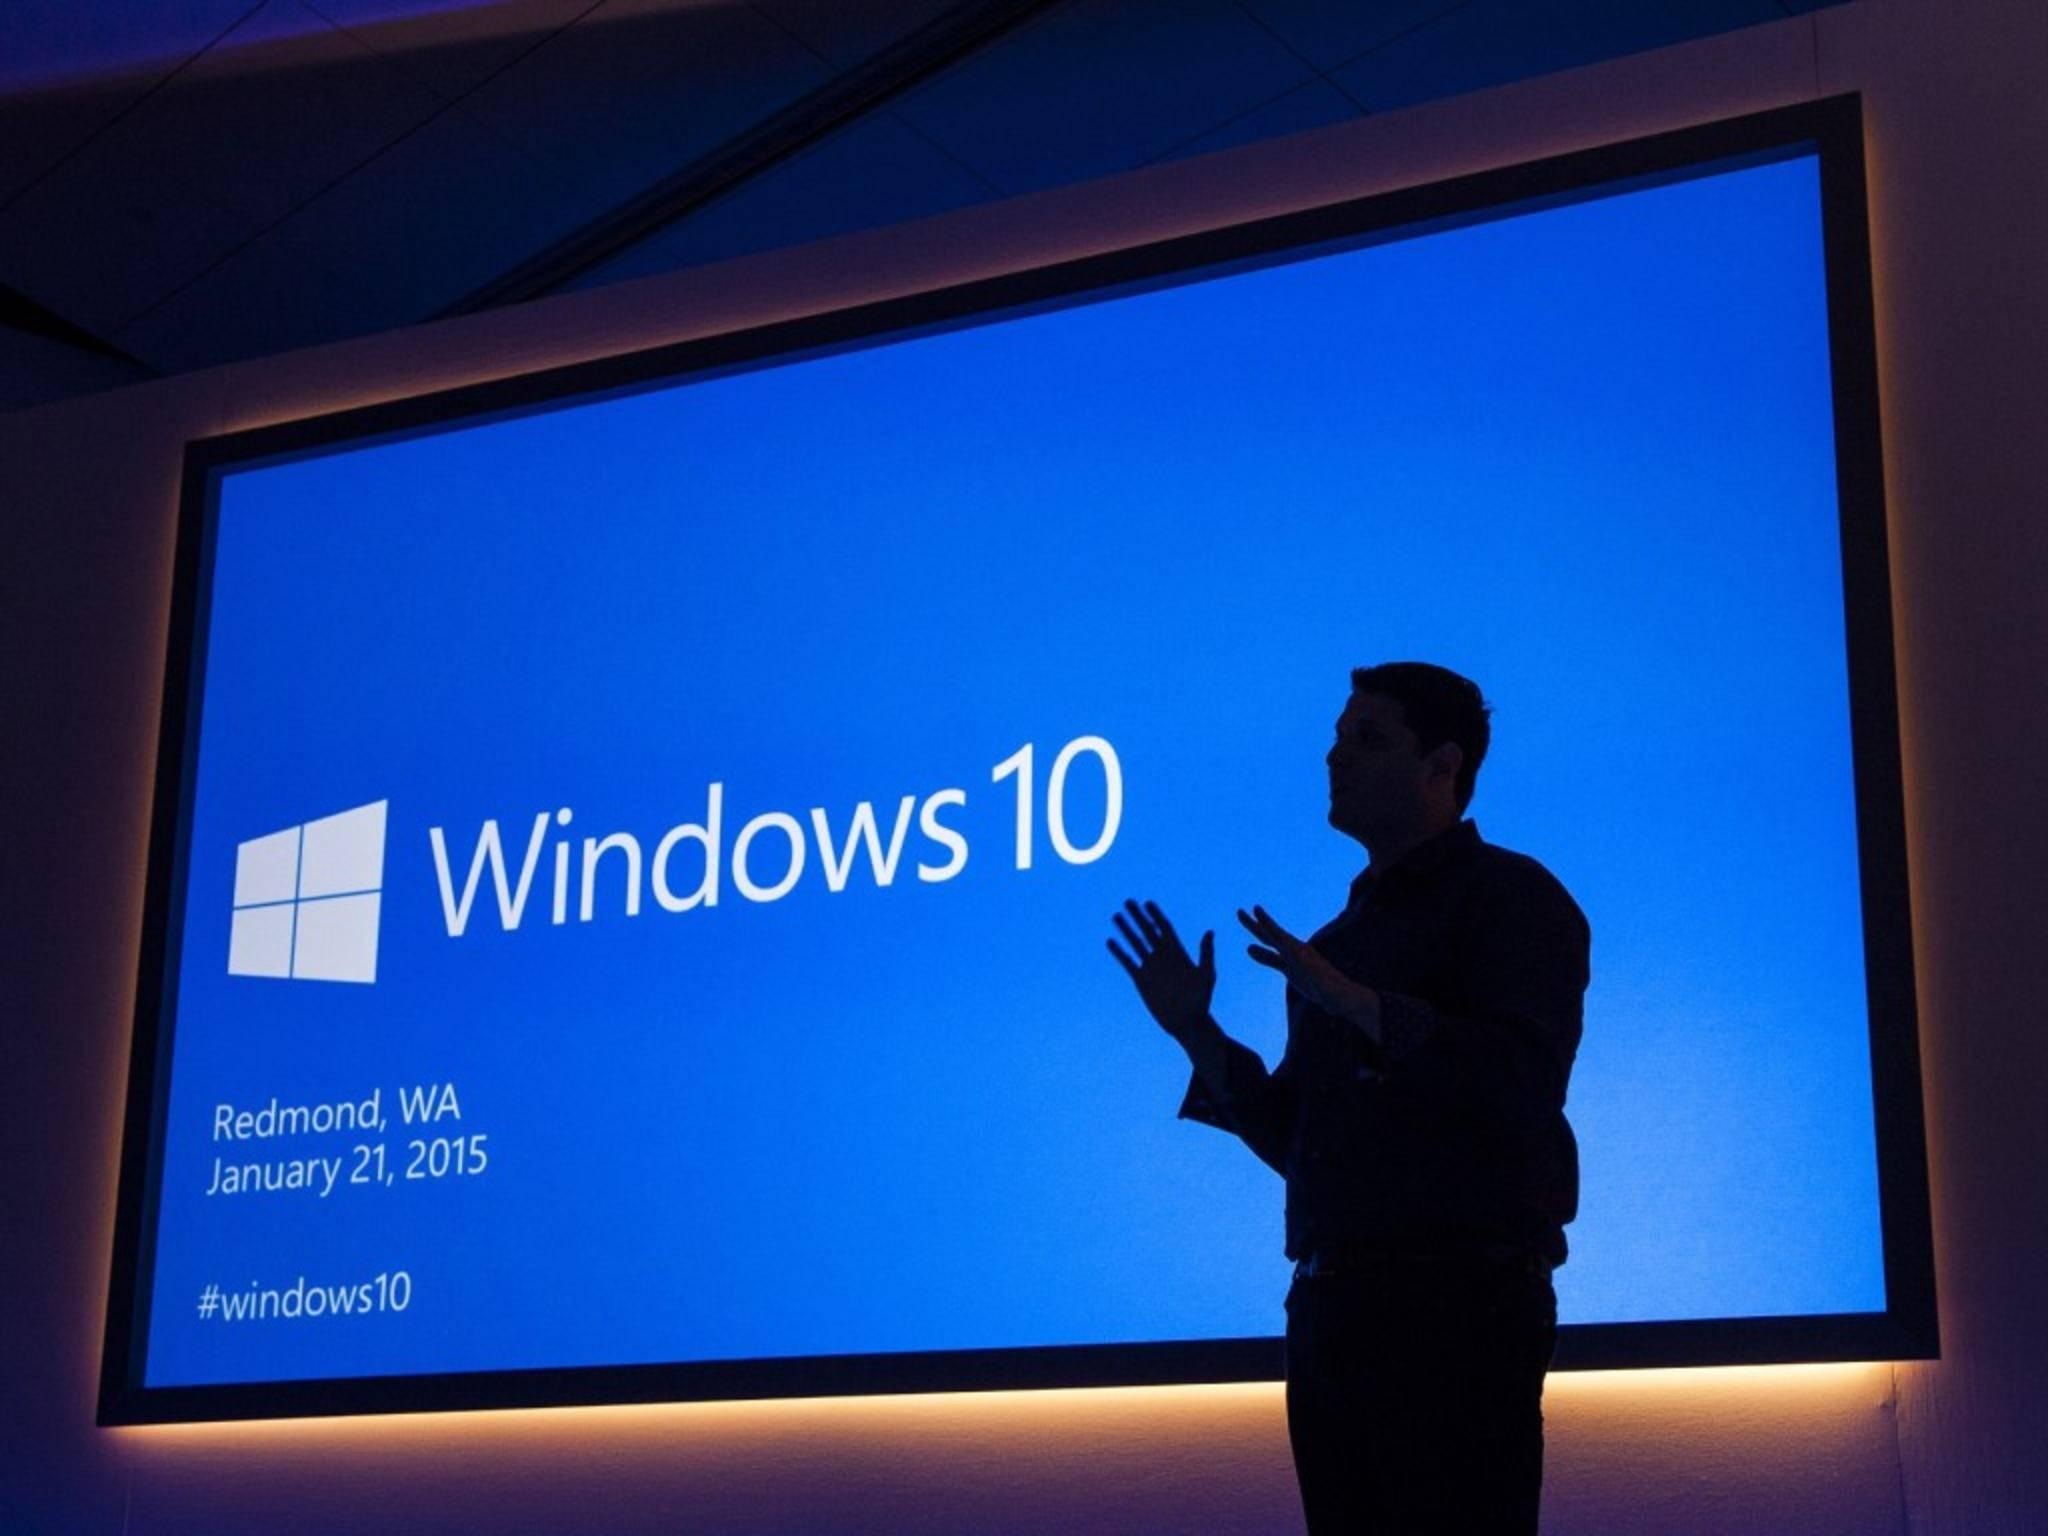 Das letzte Windows: Windows 10.